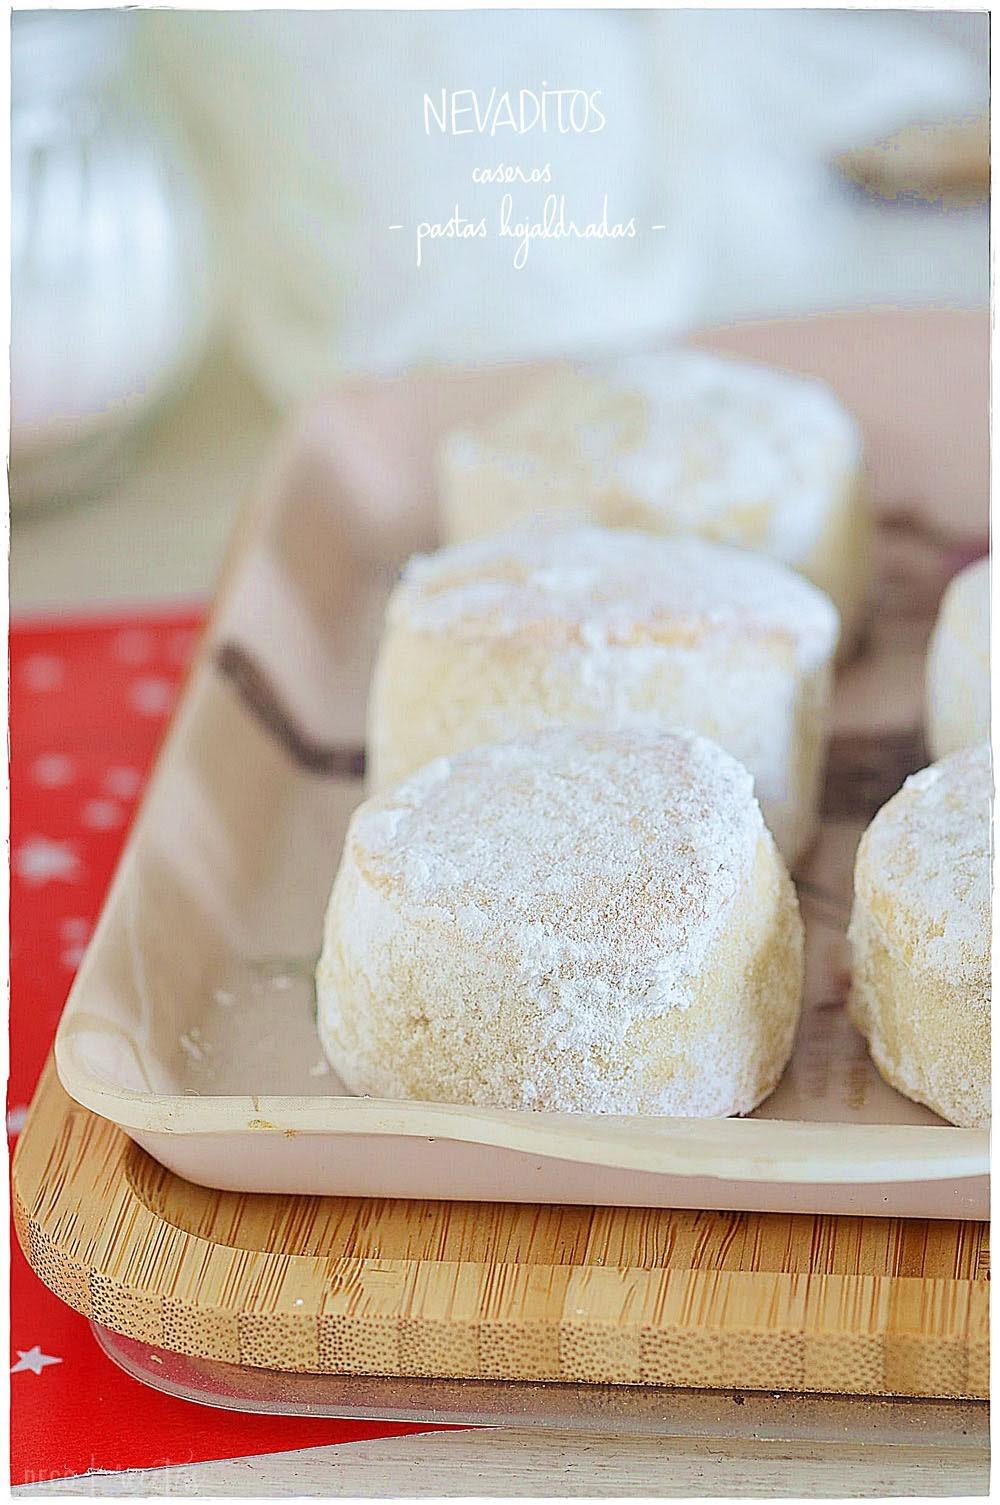 Nevaditos : Haz esta receta tradicional navideña paso a paso en casa!